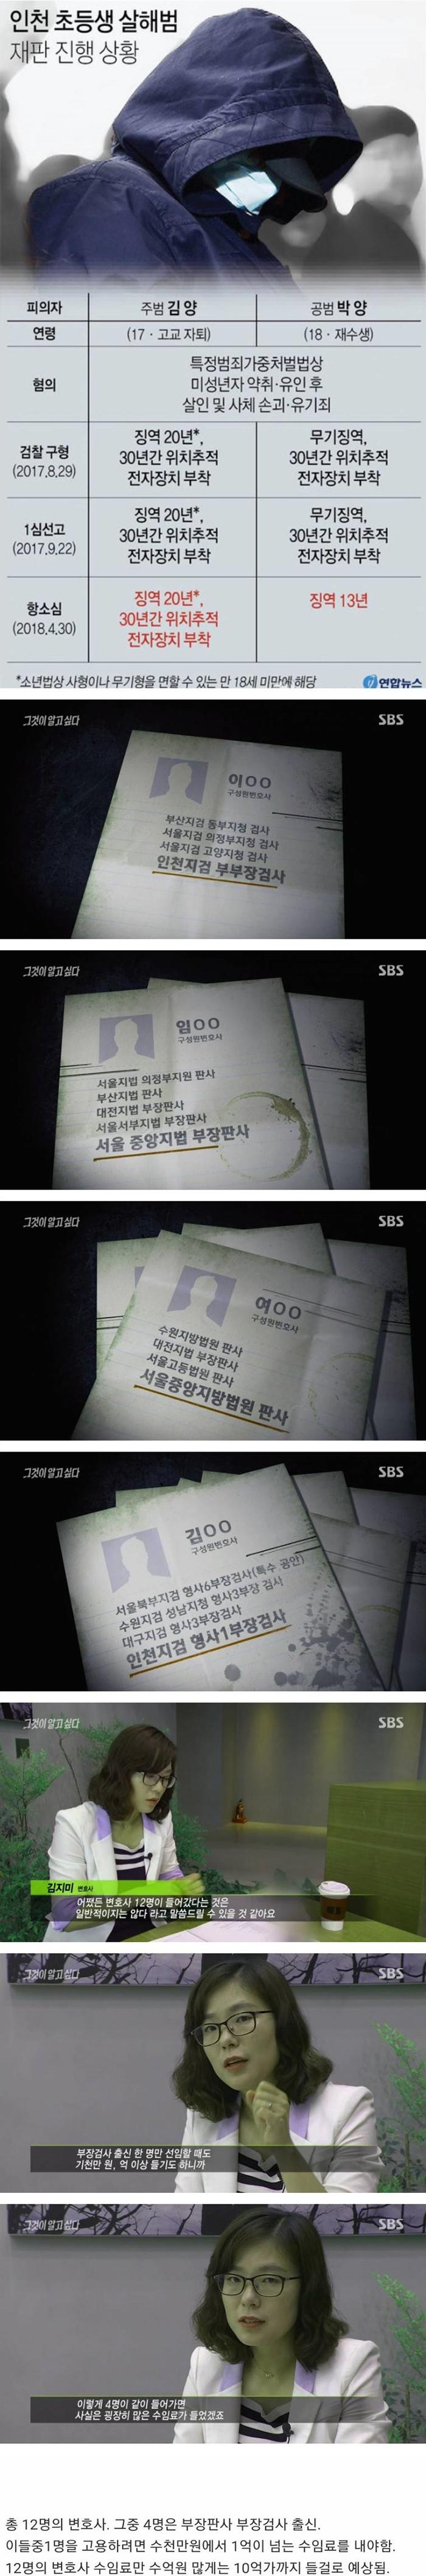 인천 초등생 살인범 근황